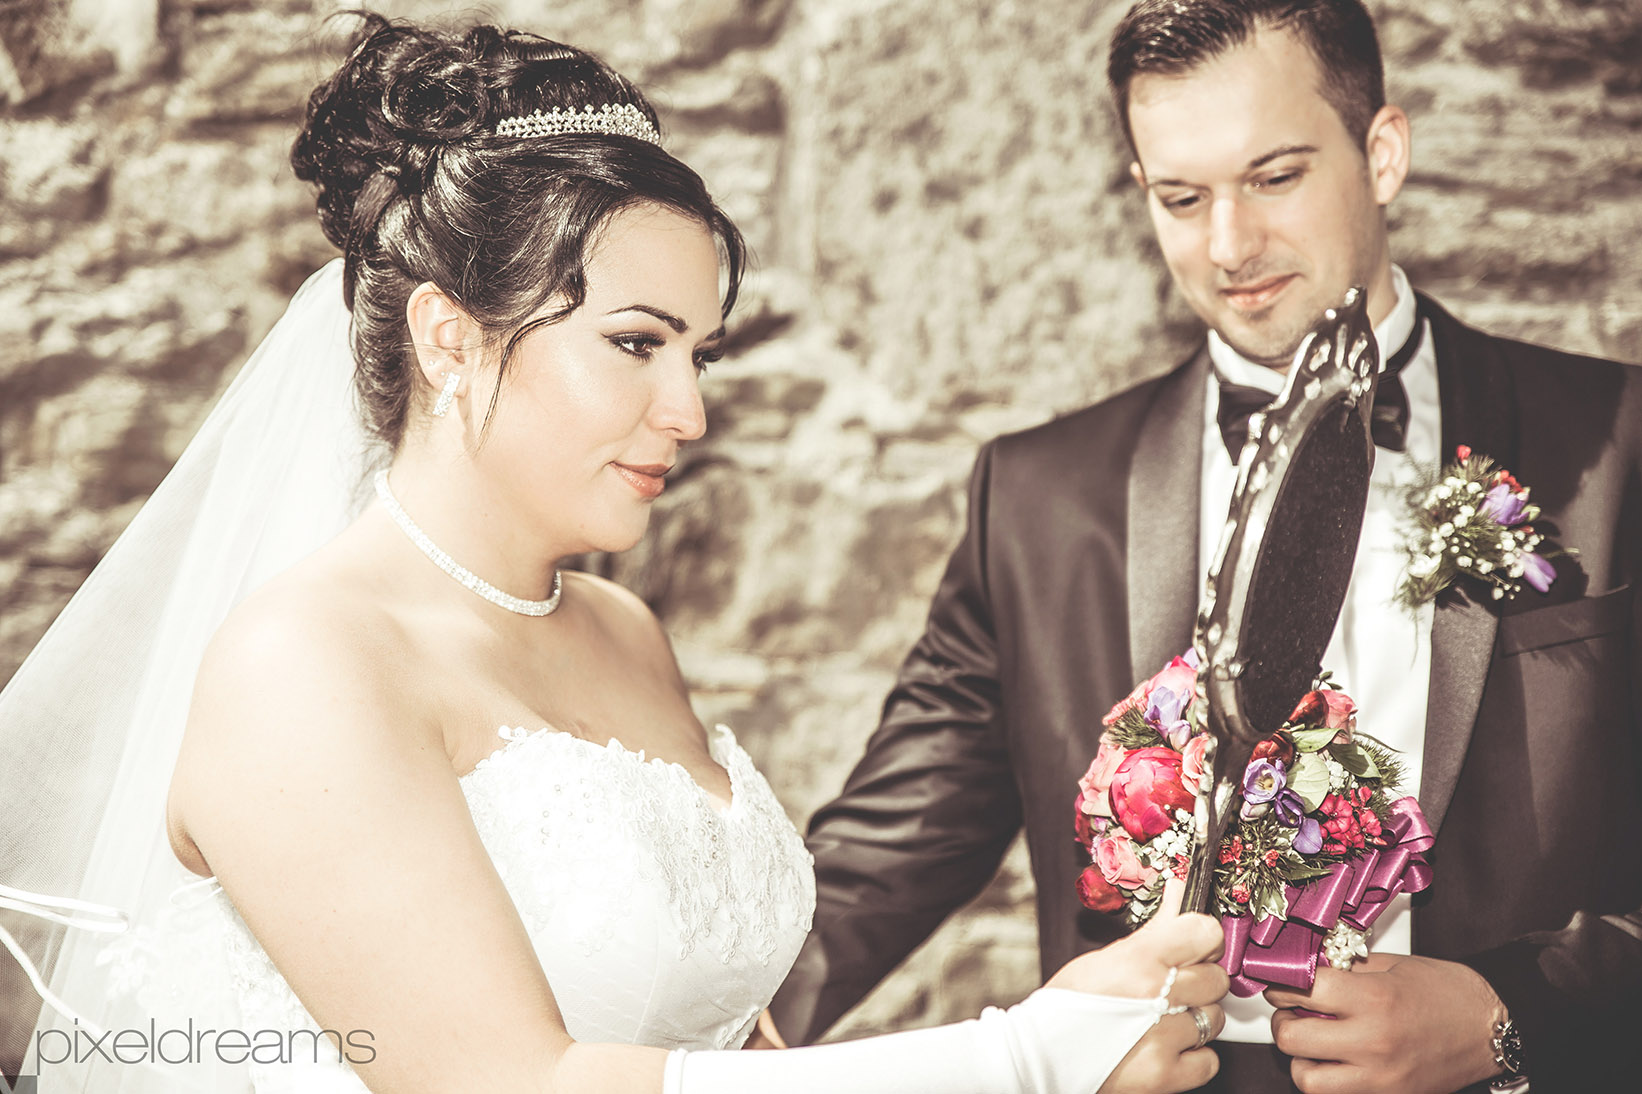 Braut-Braeutigam-Brautstrauss-Spiegel-Viktorianisch-Barrock-Schloss-Rustikal-Pose-Posing-Ehepaar-Fotograf-Fotografie-Hochzeitsvideoreportage-Hochzeitsfotoreportage